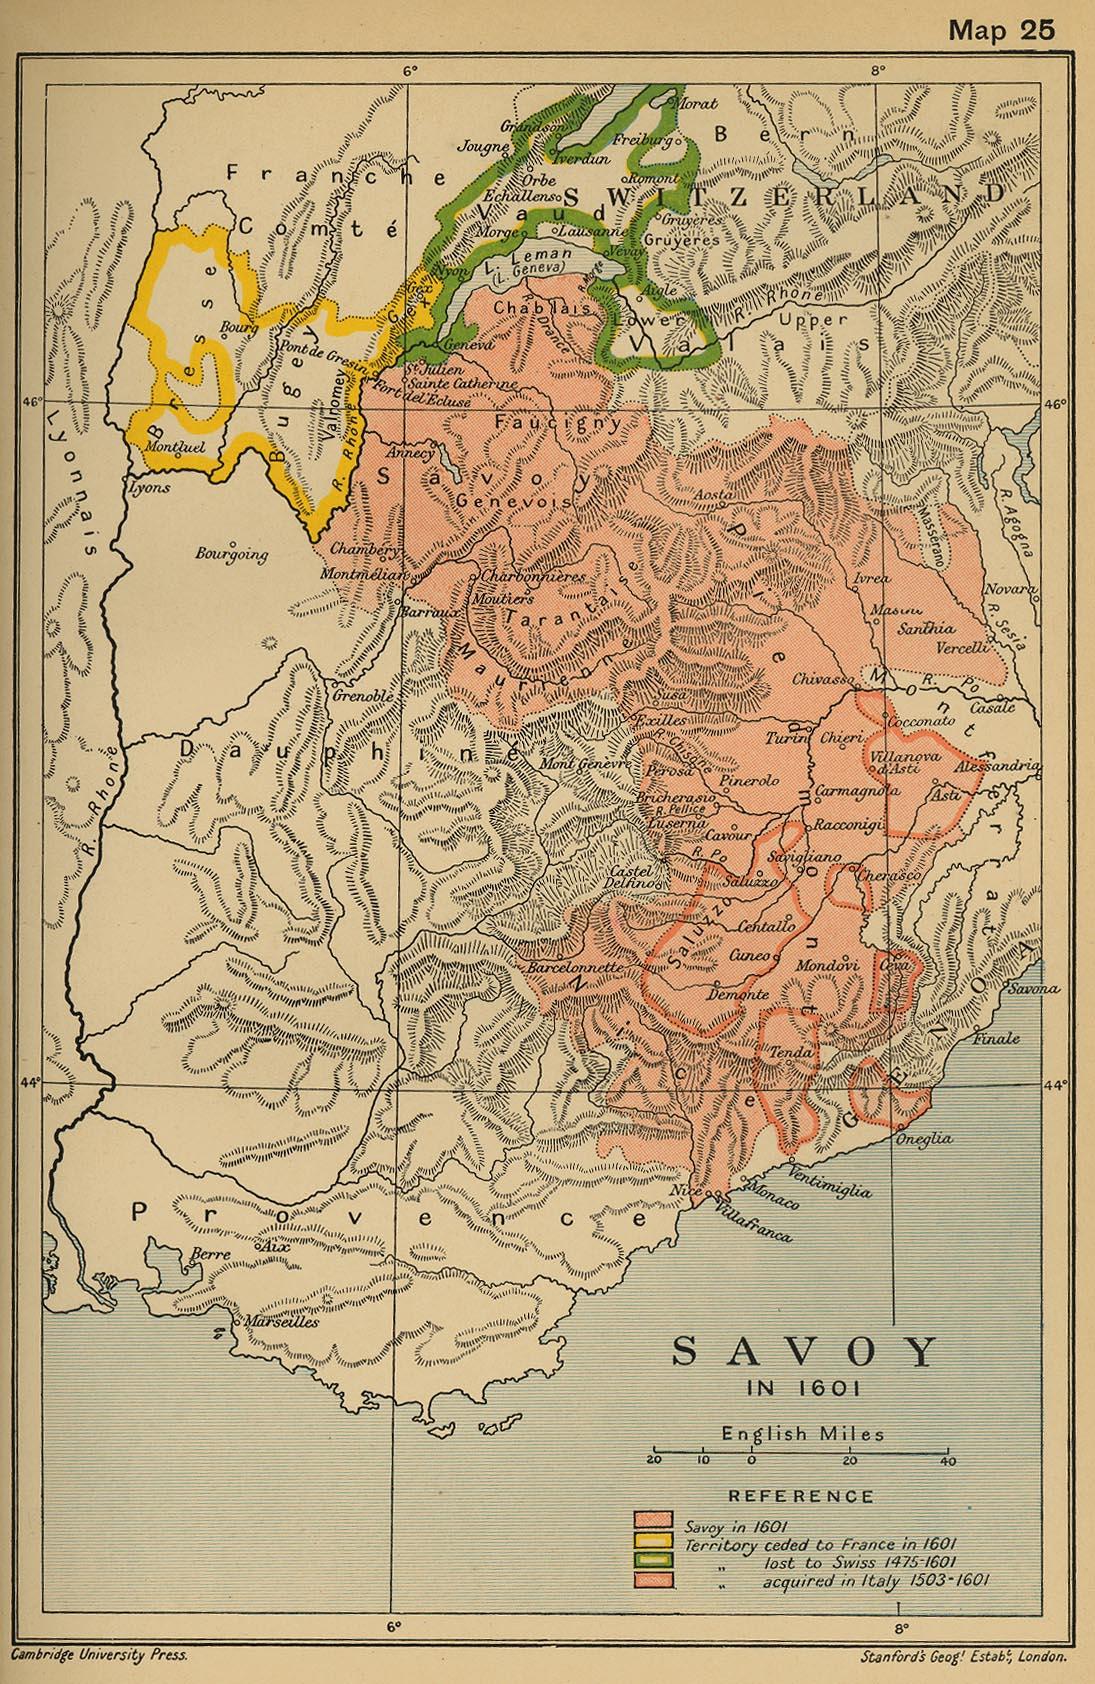 carte historique de la Savoie ...